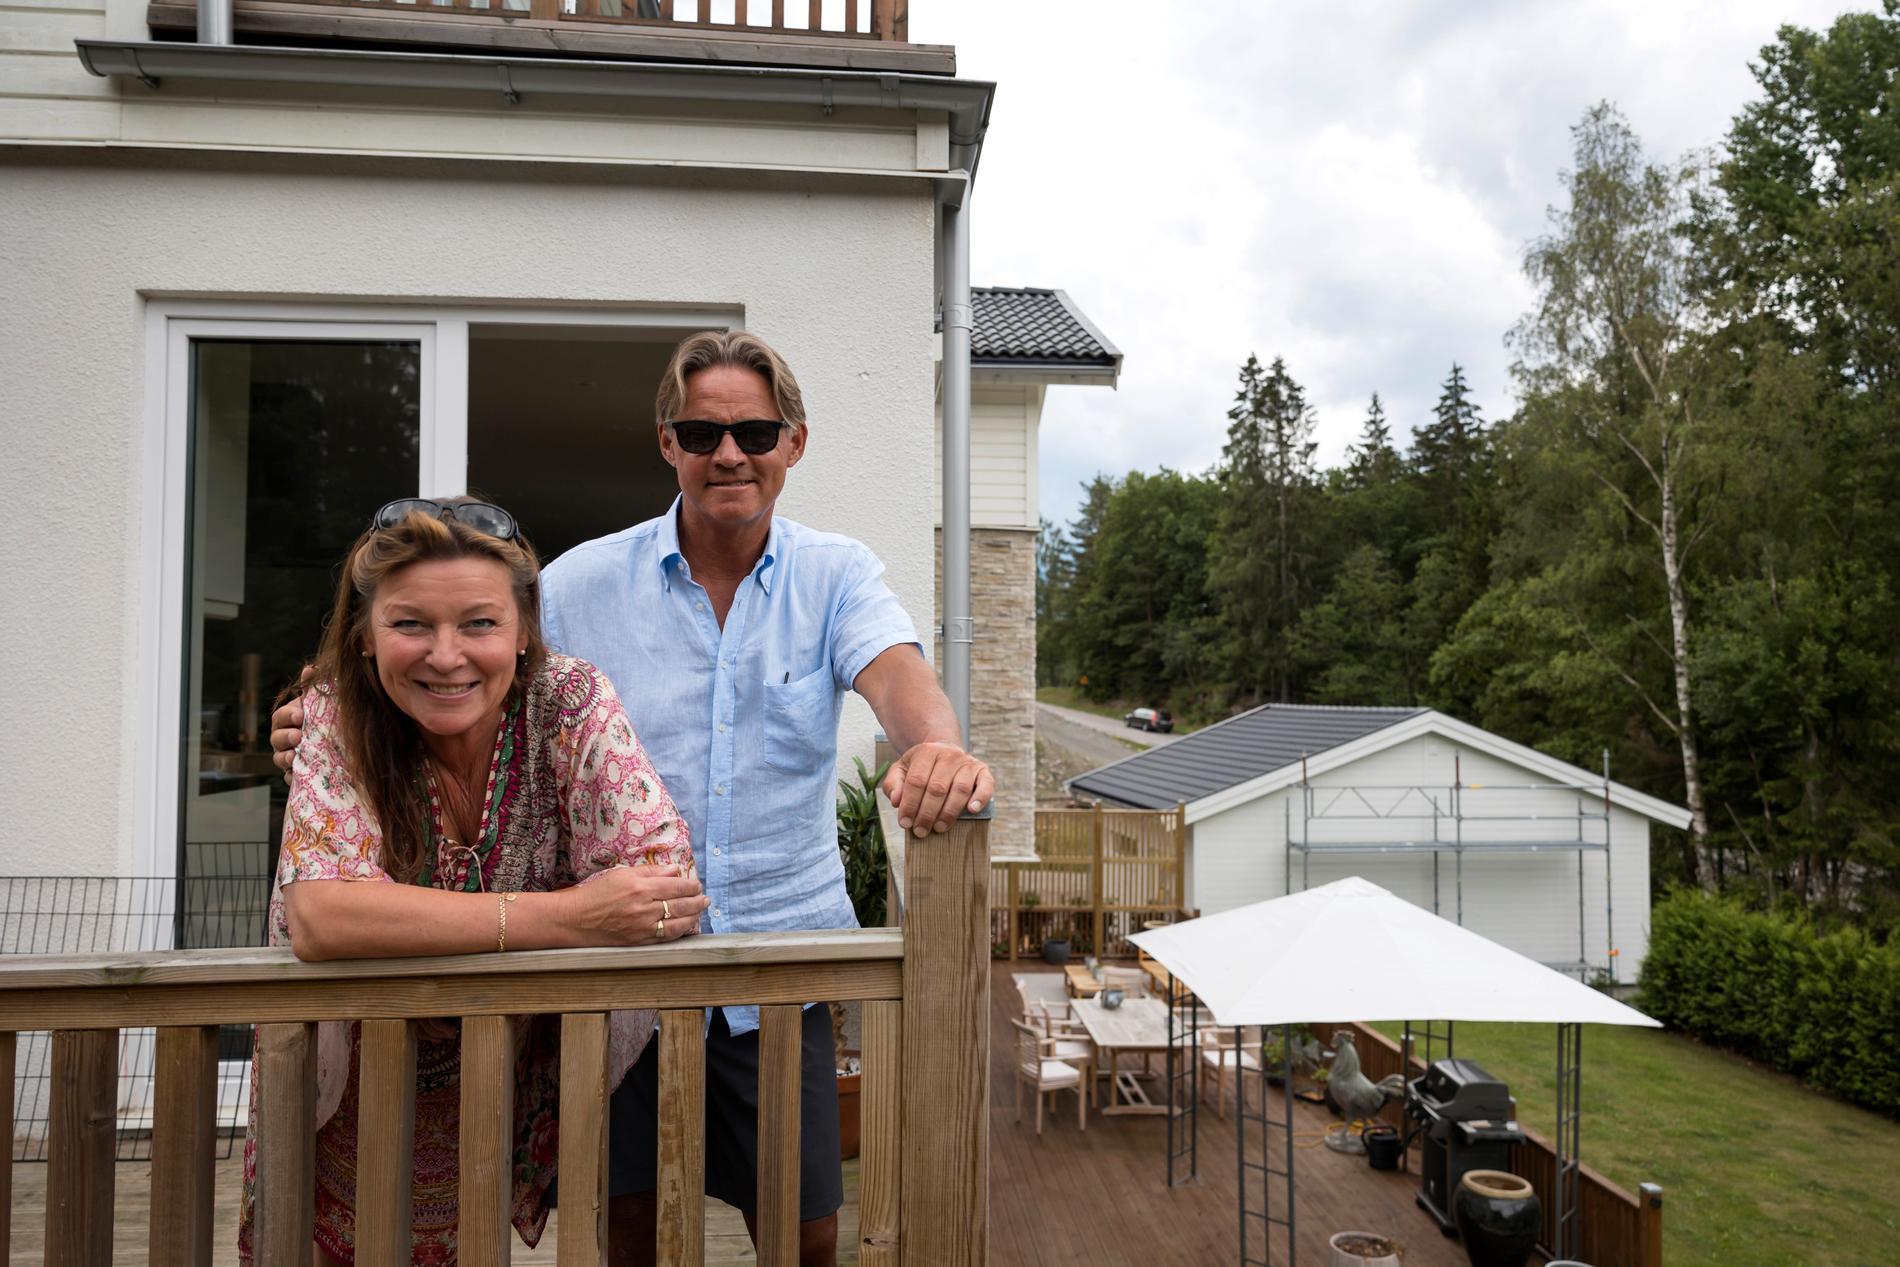 Lotta Engberg och Mikael Sandström köpte villan nio månader efter att de träffats första gången.